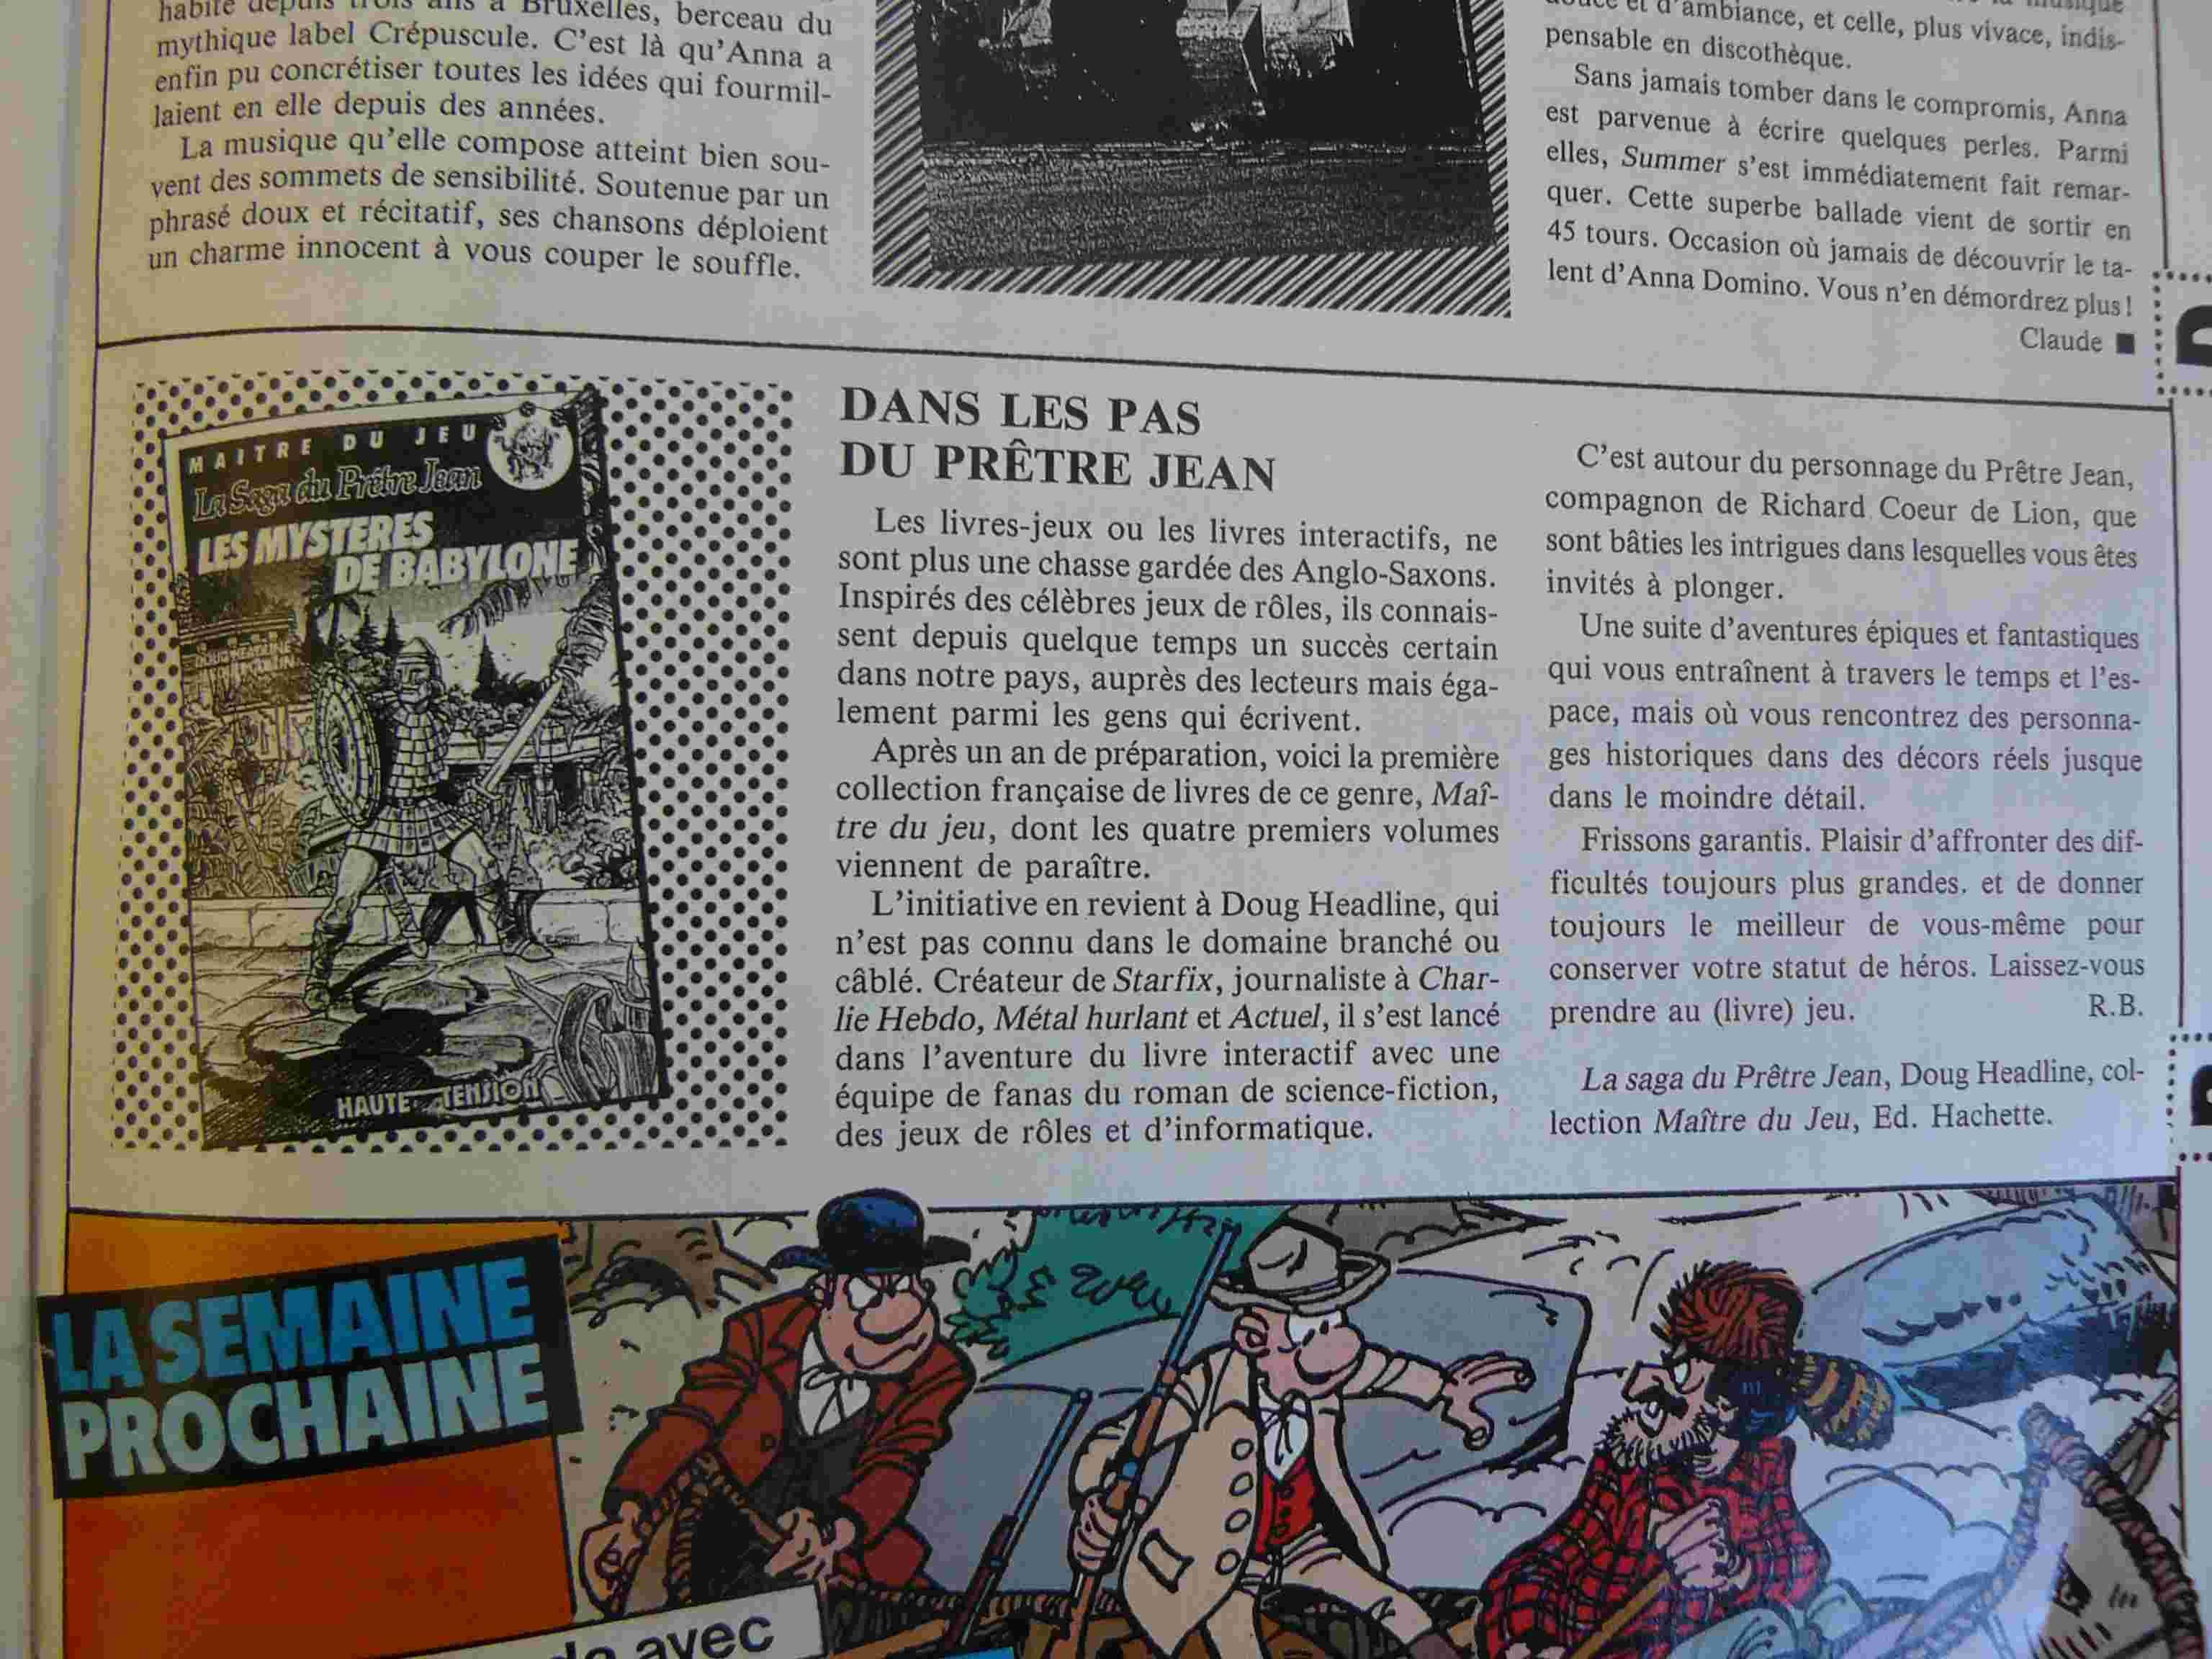 LDVELH : on en parle dans les médias - Page 6 P1010511